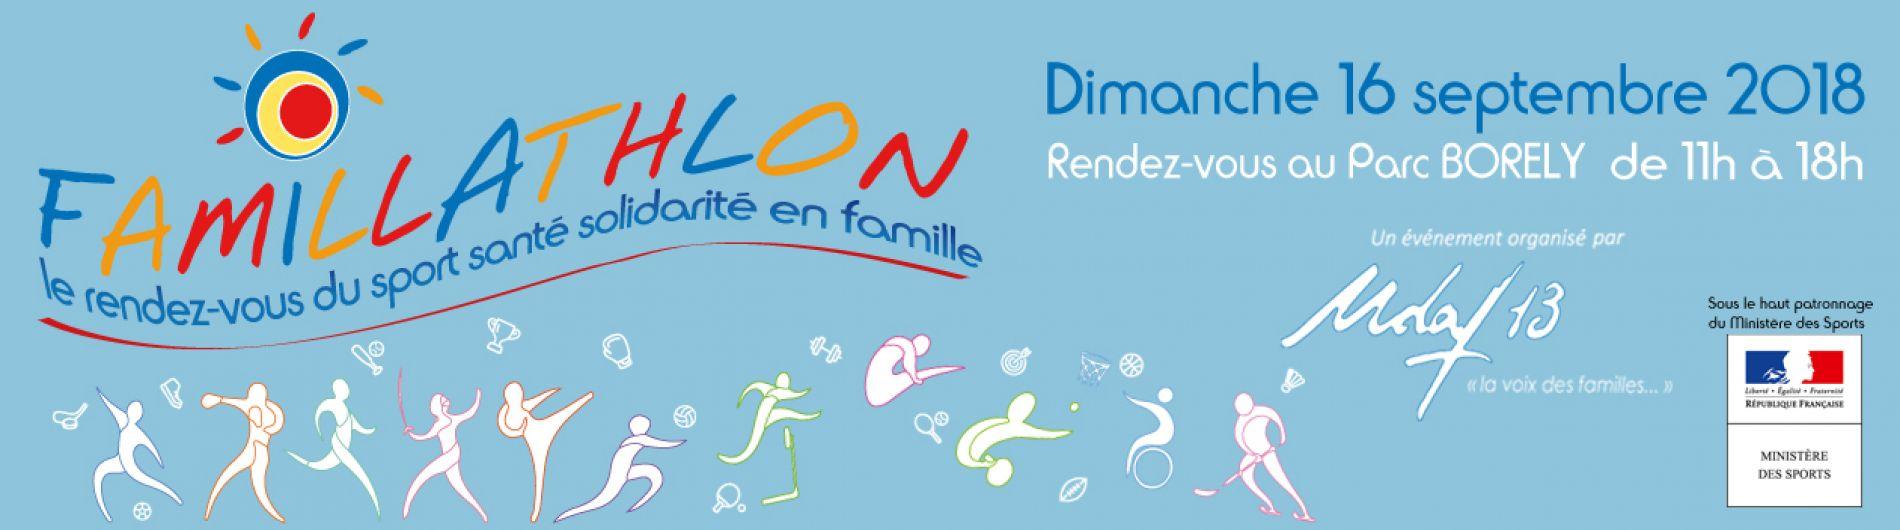 Une occasion pour la pratique sportive en famille à Marseille